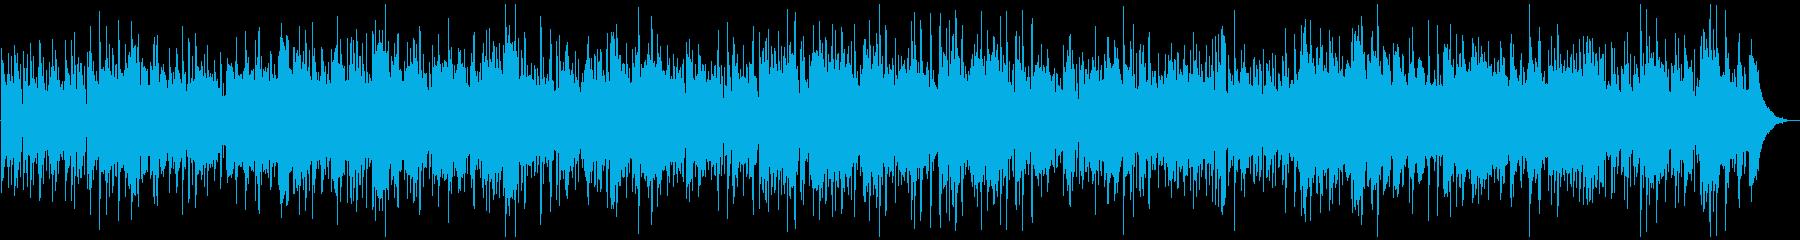 アコースティックなボサノバ、トロンボーンの再生済みの波形